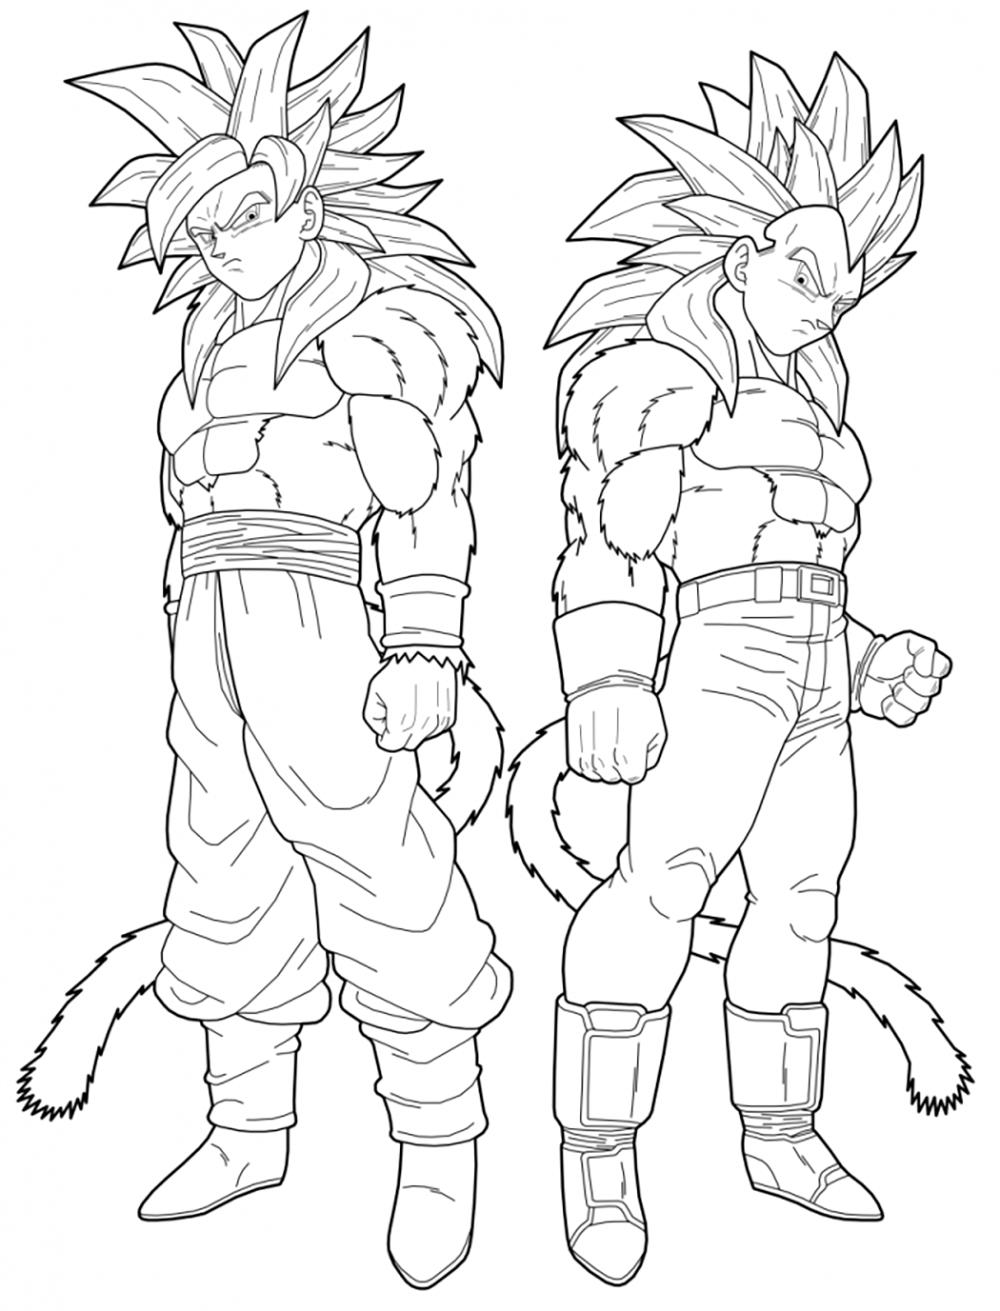 1000x1311 Oc] Ss4 Goku And Vegeta Dbz